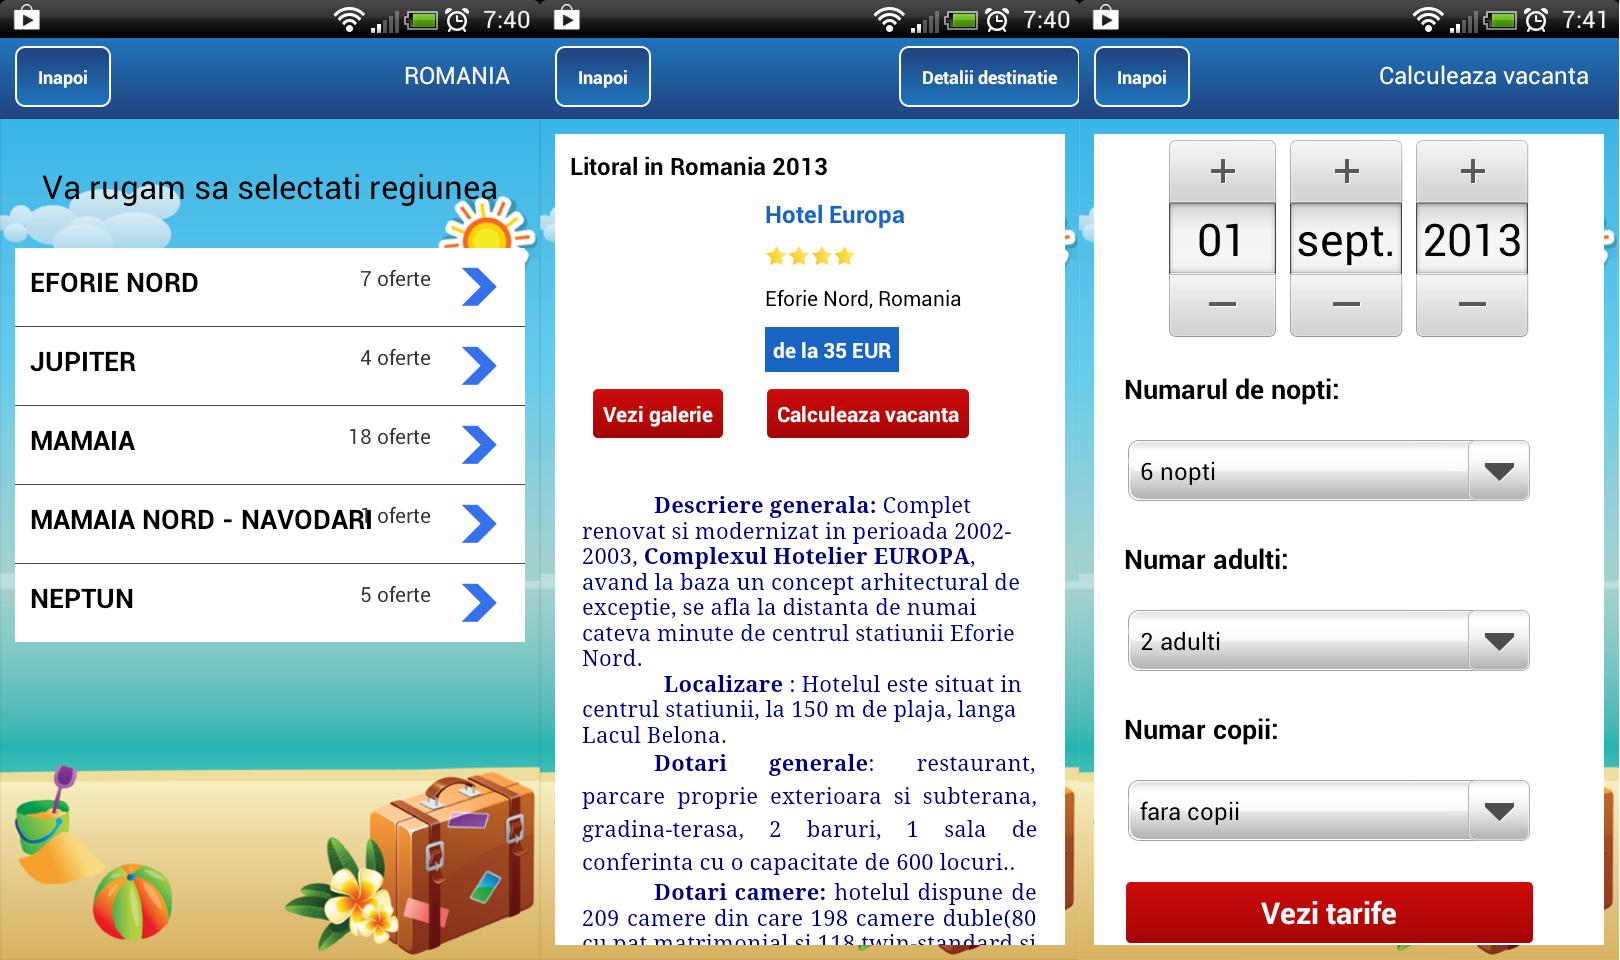 turism mobil, Paralela 45, litoral, aplicatie mobila